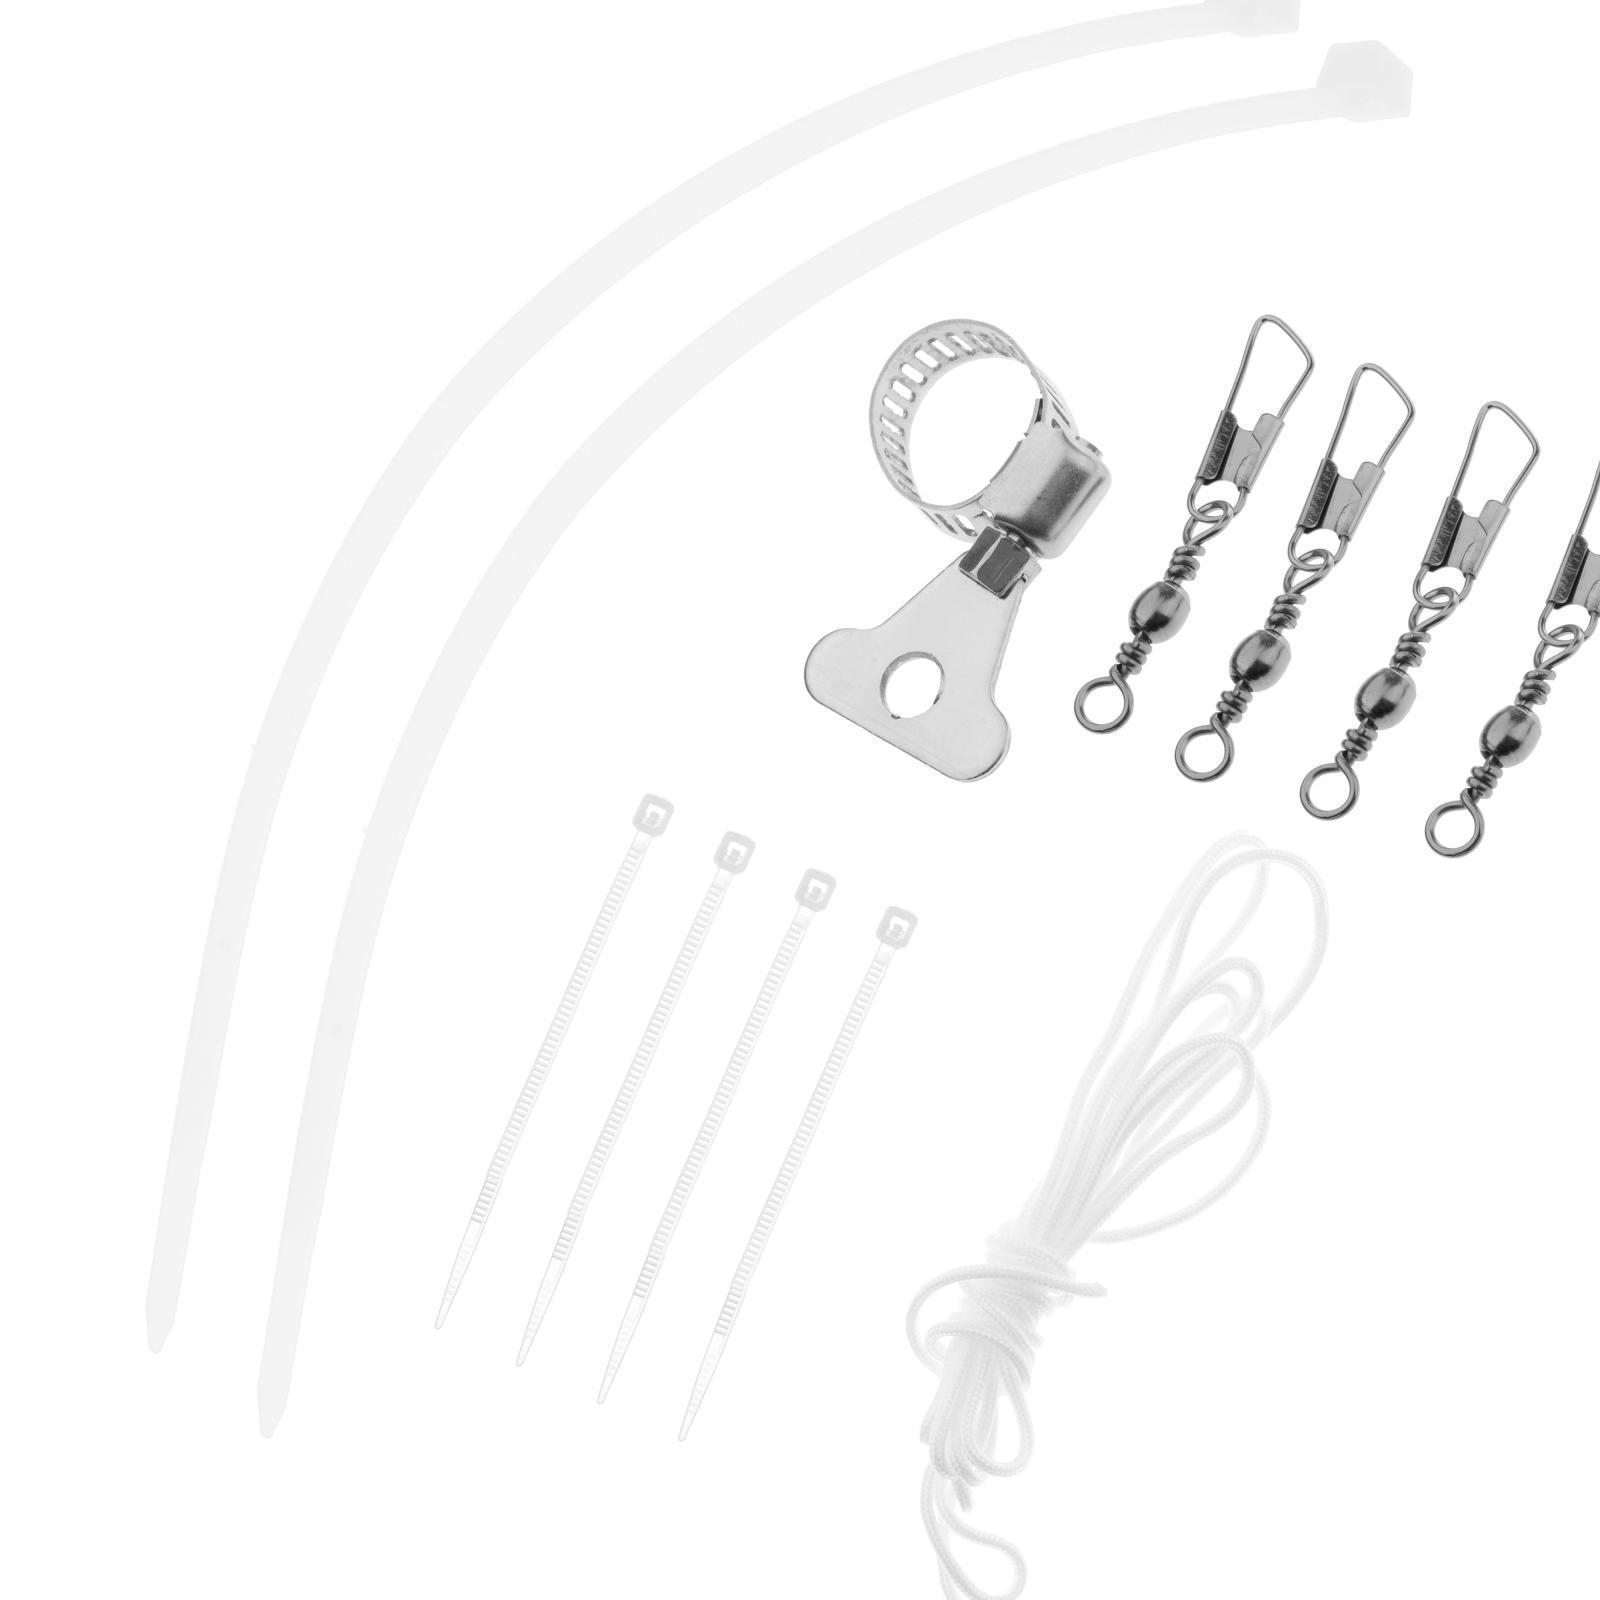 Indexbild 3 - Fahnenmast Hardware Teile Reparatur Halyard Seil Und 4 PCS Metall Haken Clips